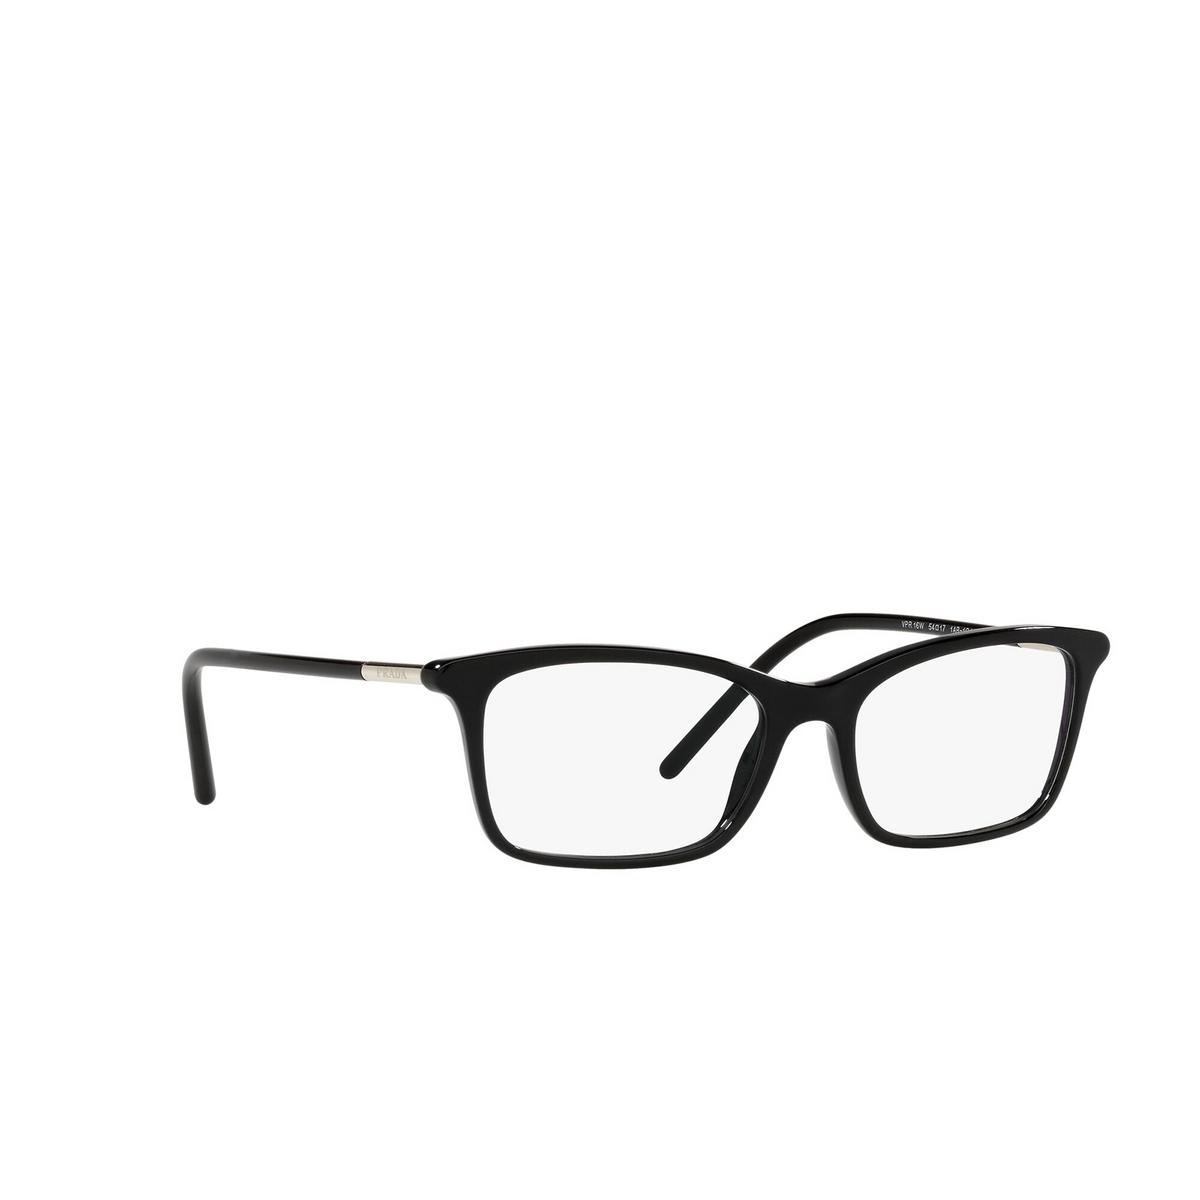 Prada® Rectangle Eyeglasses: PR 16WV color Black 1AB1O1 - three-quarters view.